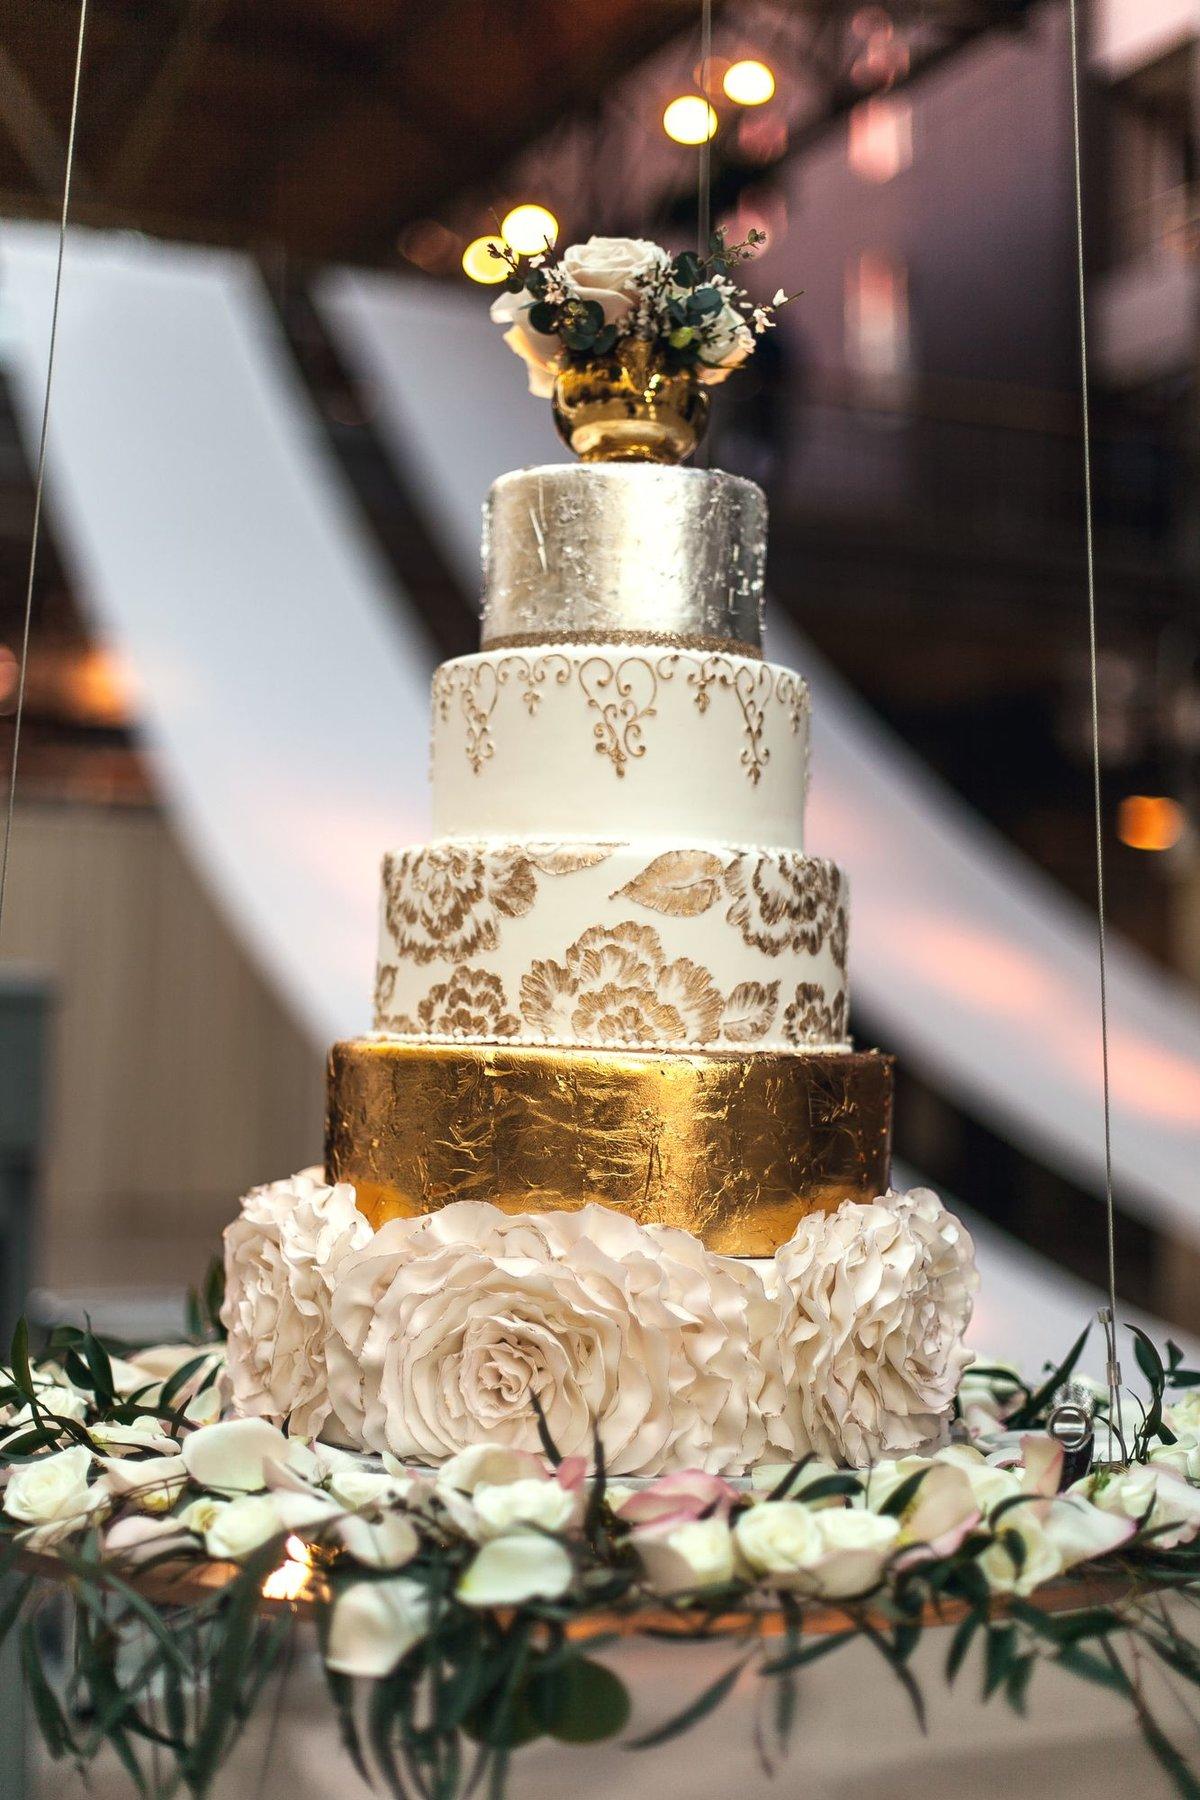 веб-камеры фото торт свадебный белый с золотом щенков